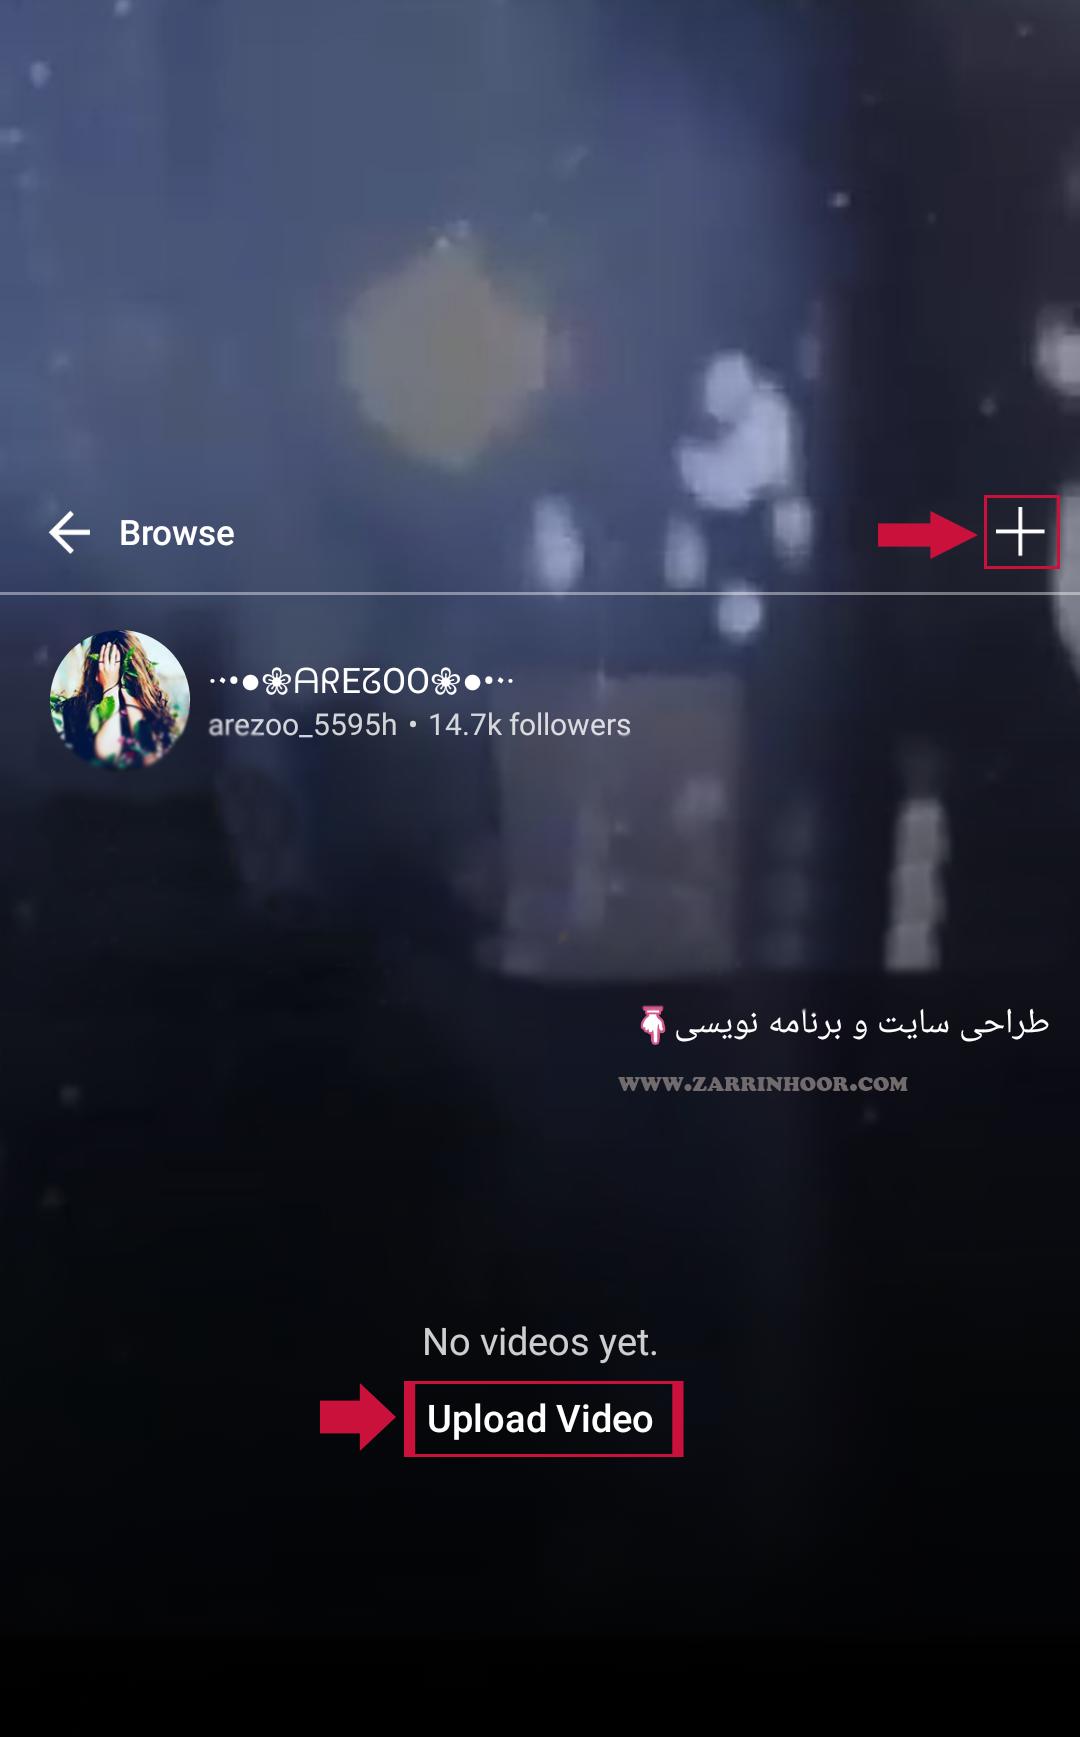 انتشار ویدیو های طولانی با ایجاد کانال در اینستاگرام